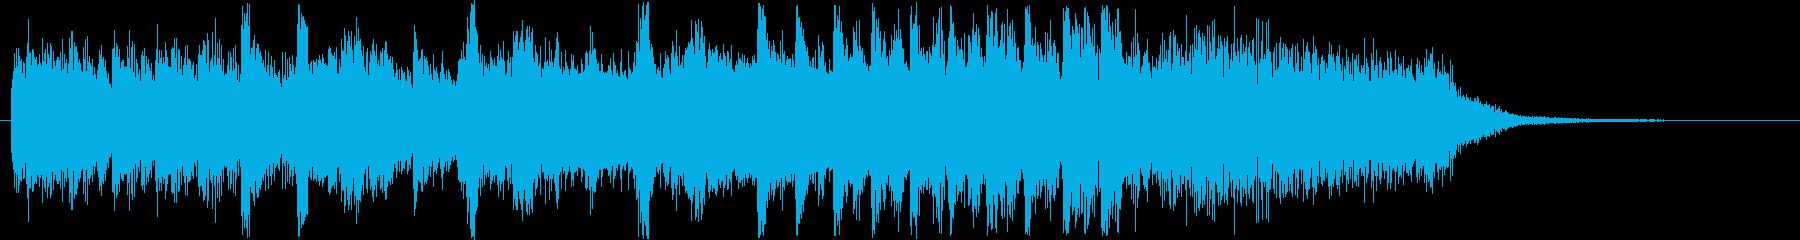 コミカルなシンセ・打楽器など短めの再生済みの波形